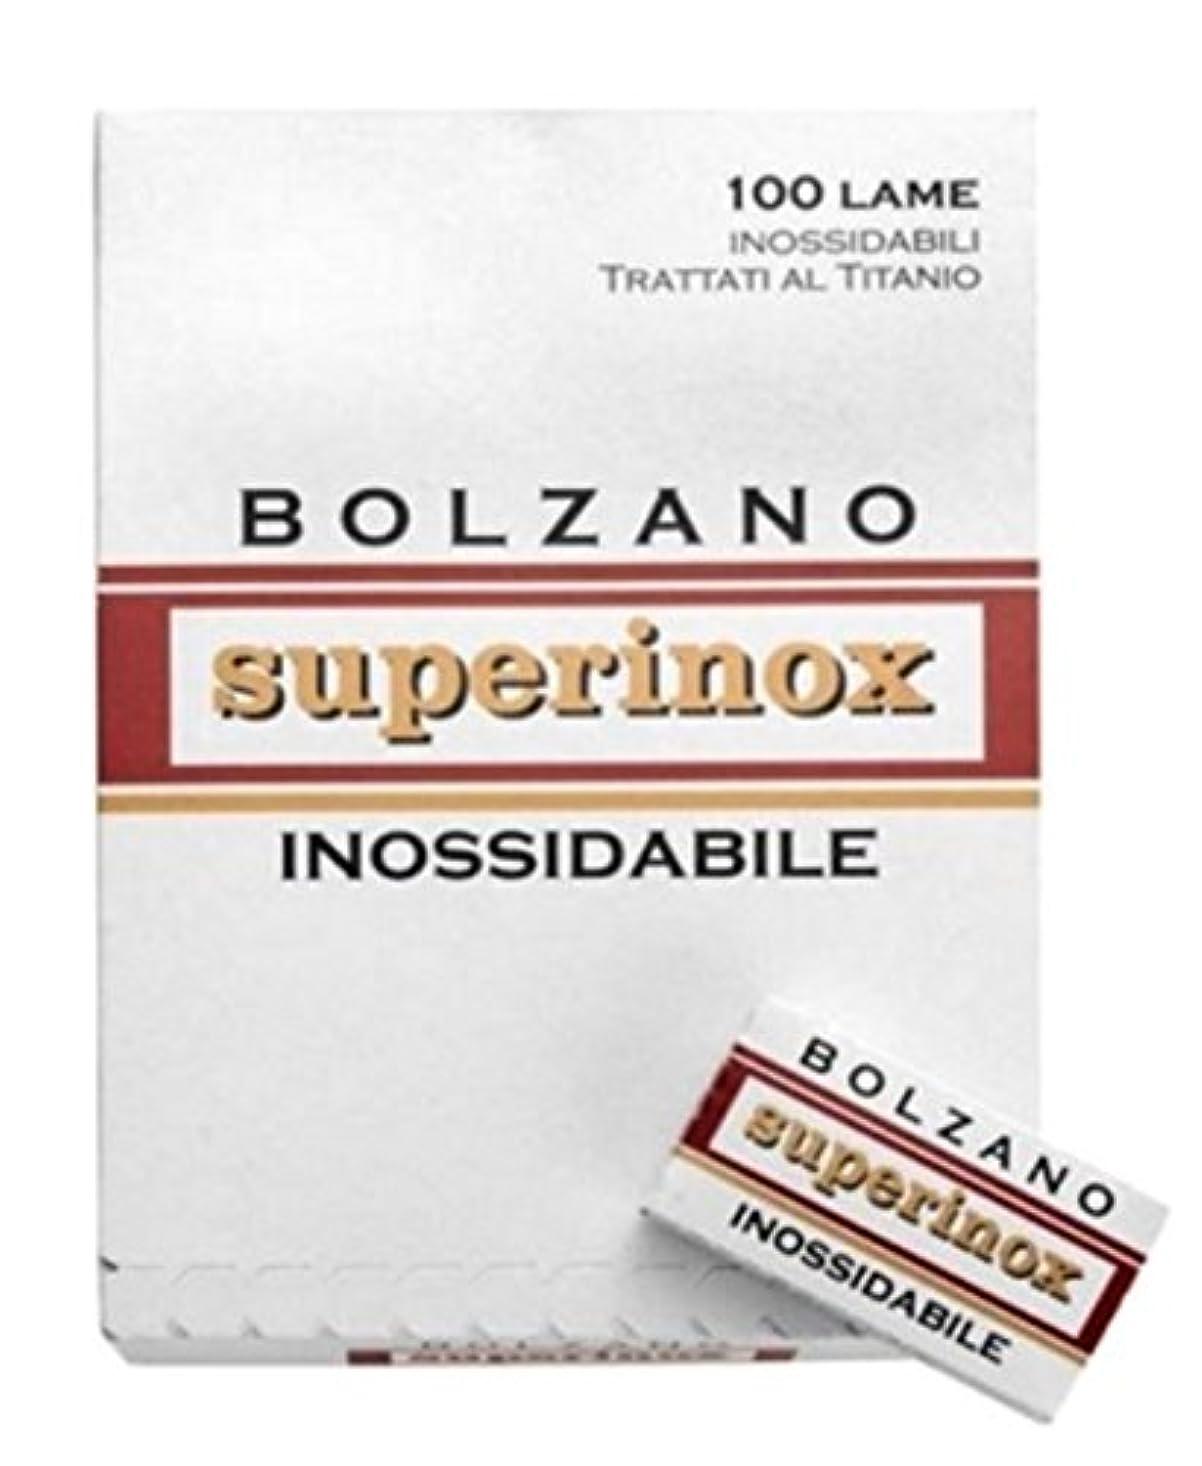 ファックス争う不道徳Bolzano Superinox Inossidabile 両刃替刃 100枚入り(5枚入り20 個セット)【並行輸入品】